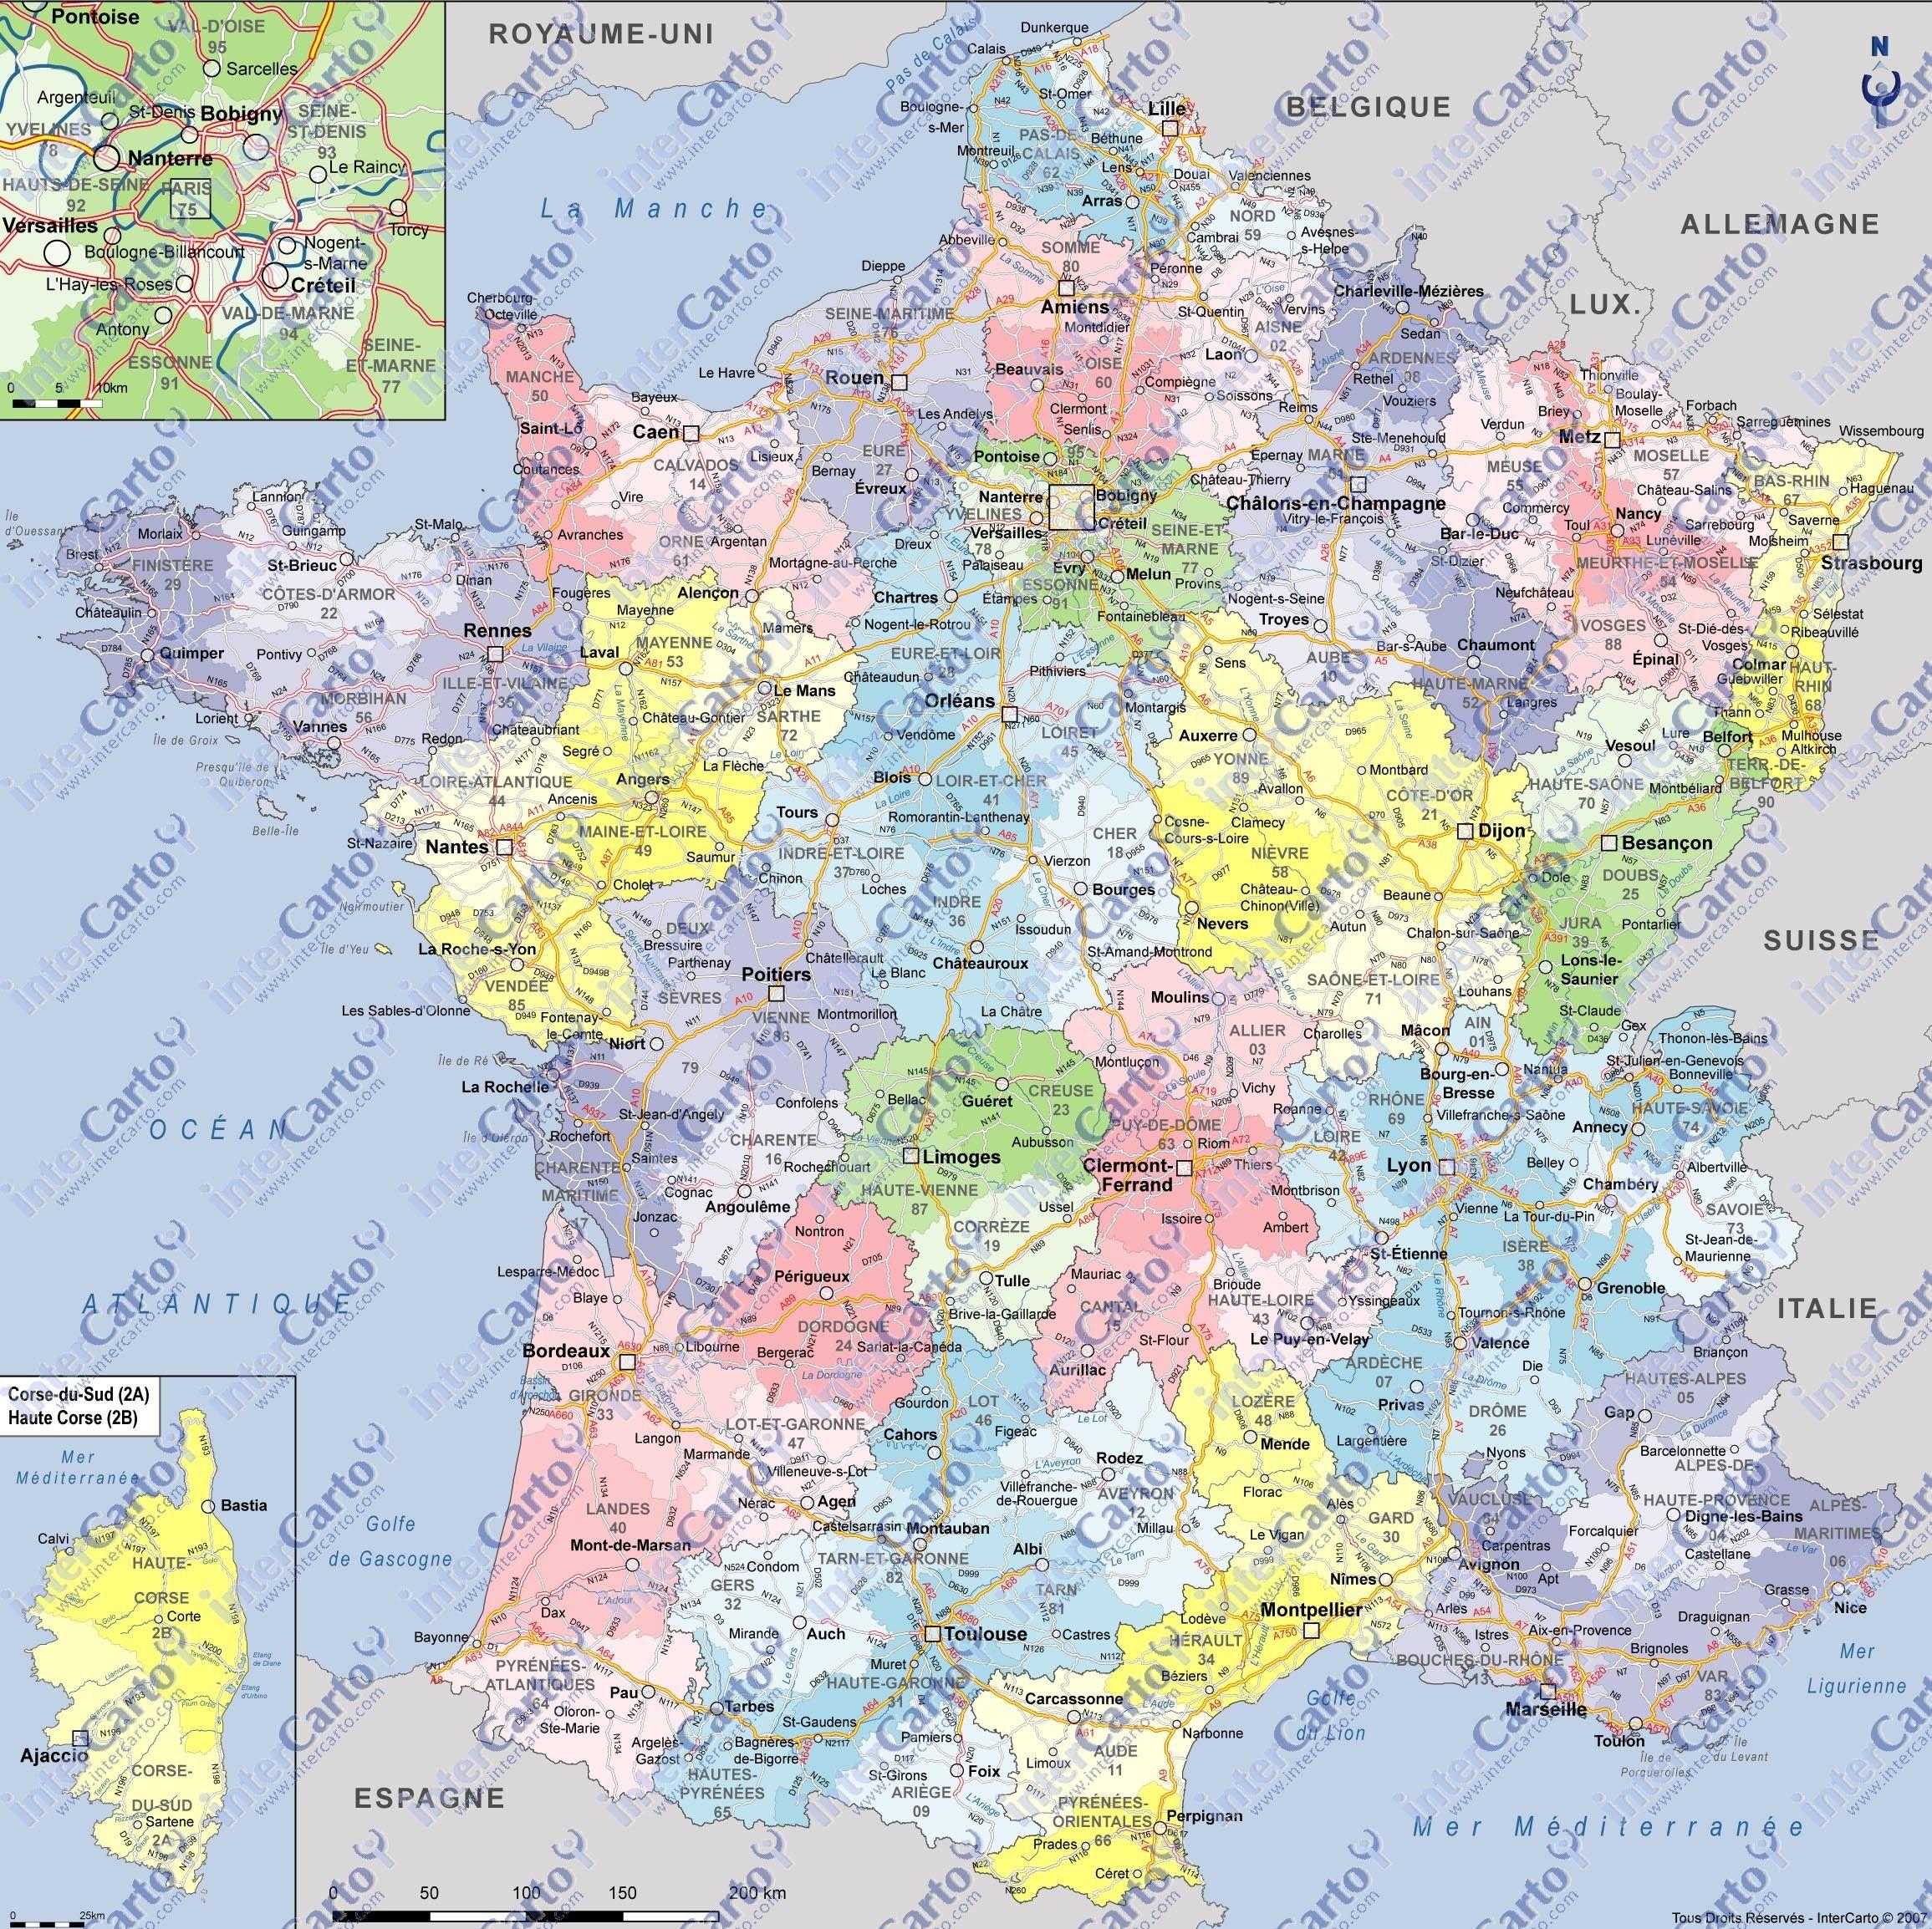 Carte De France Départements Villes Et Régions | Arts Et pour Carte De France Avec Les Régions